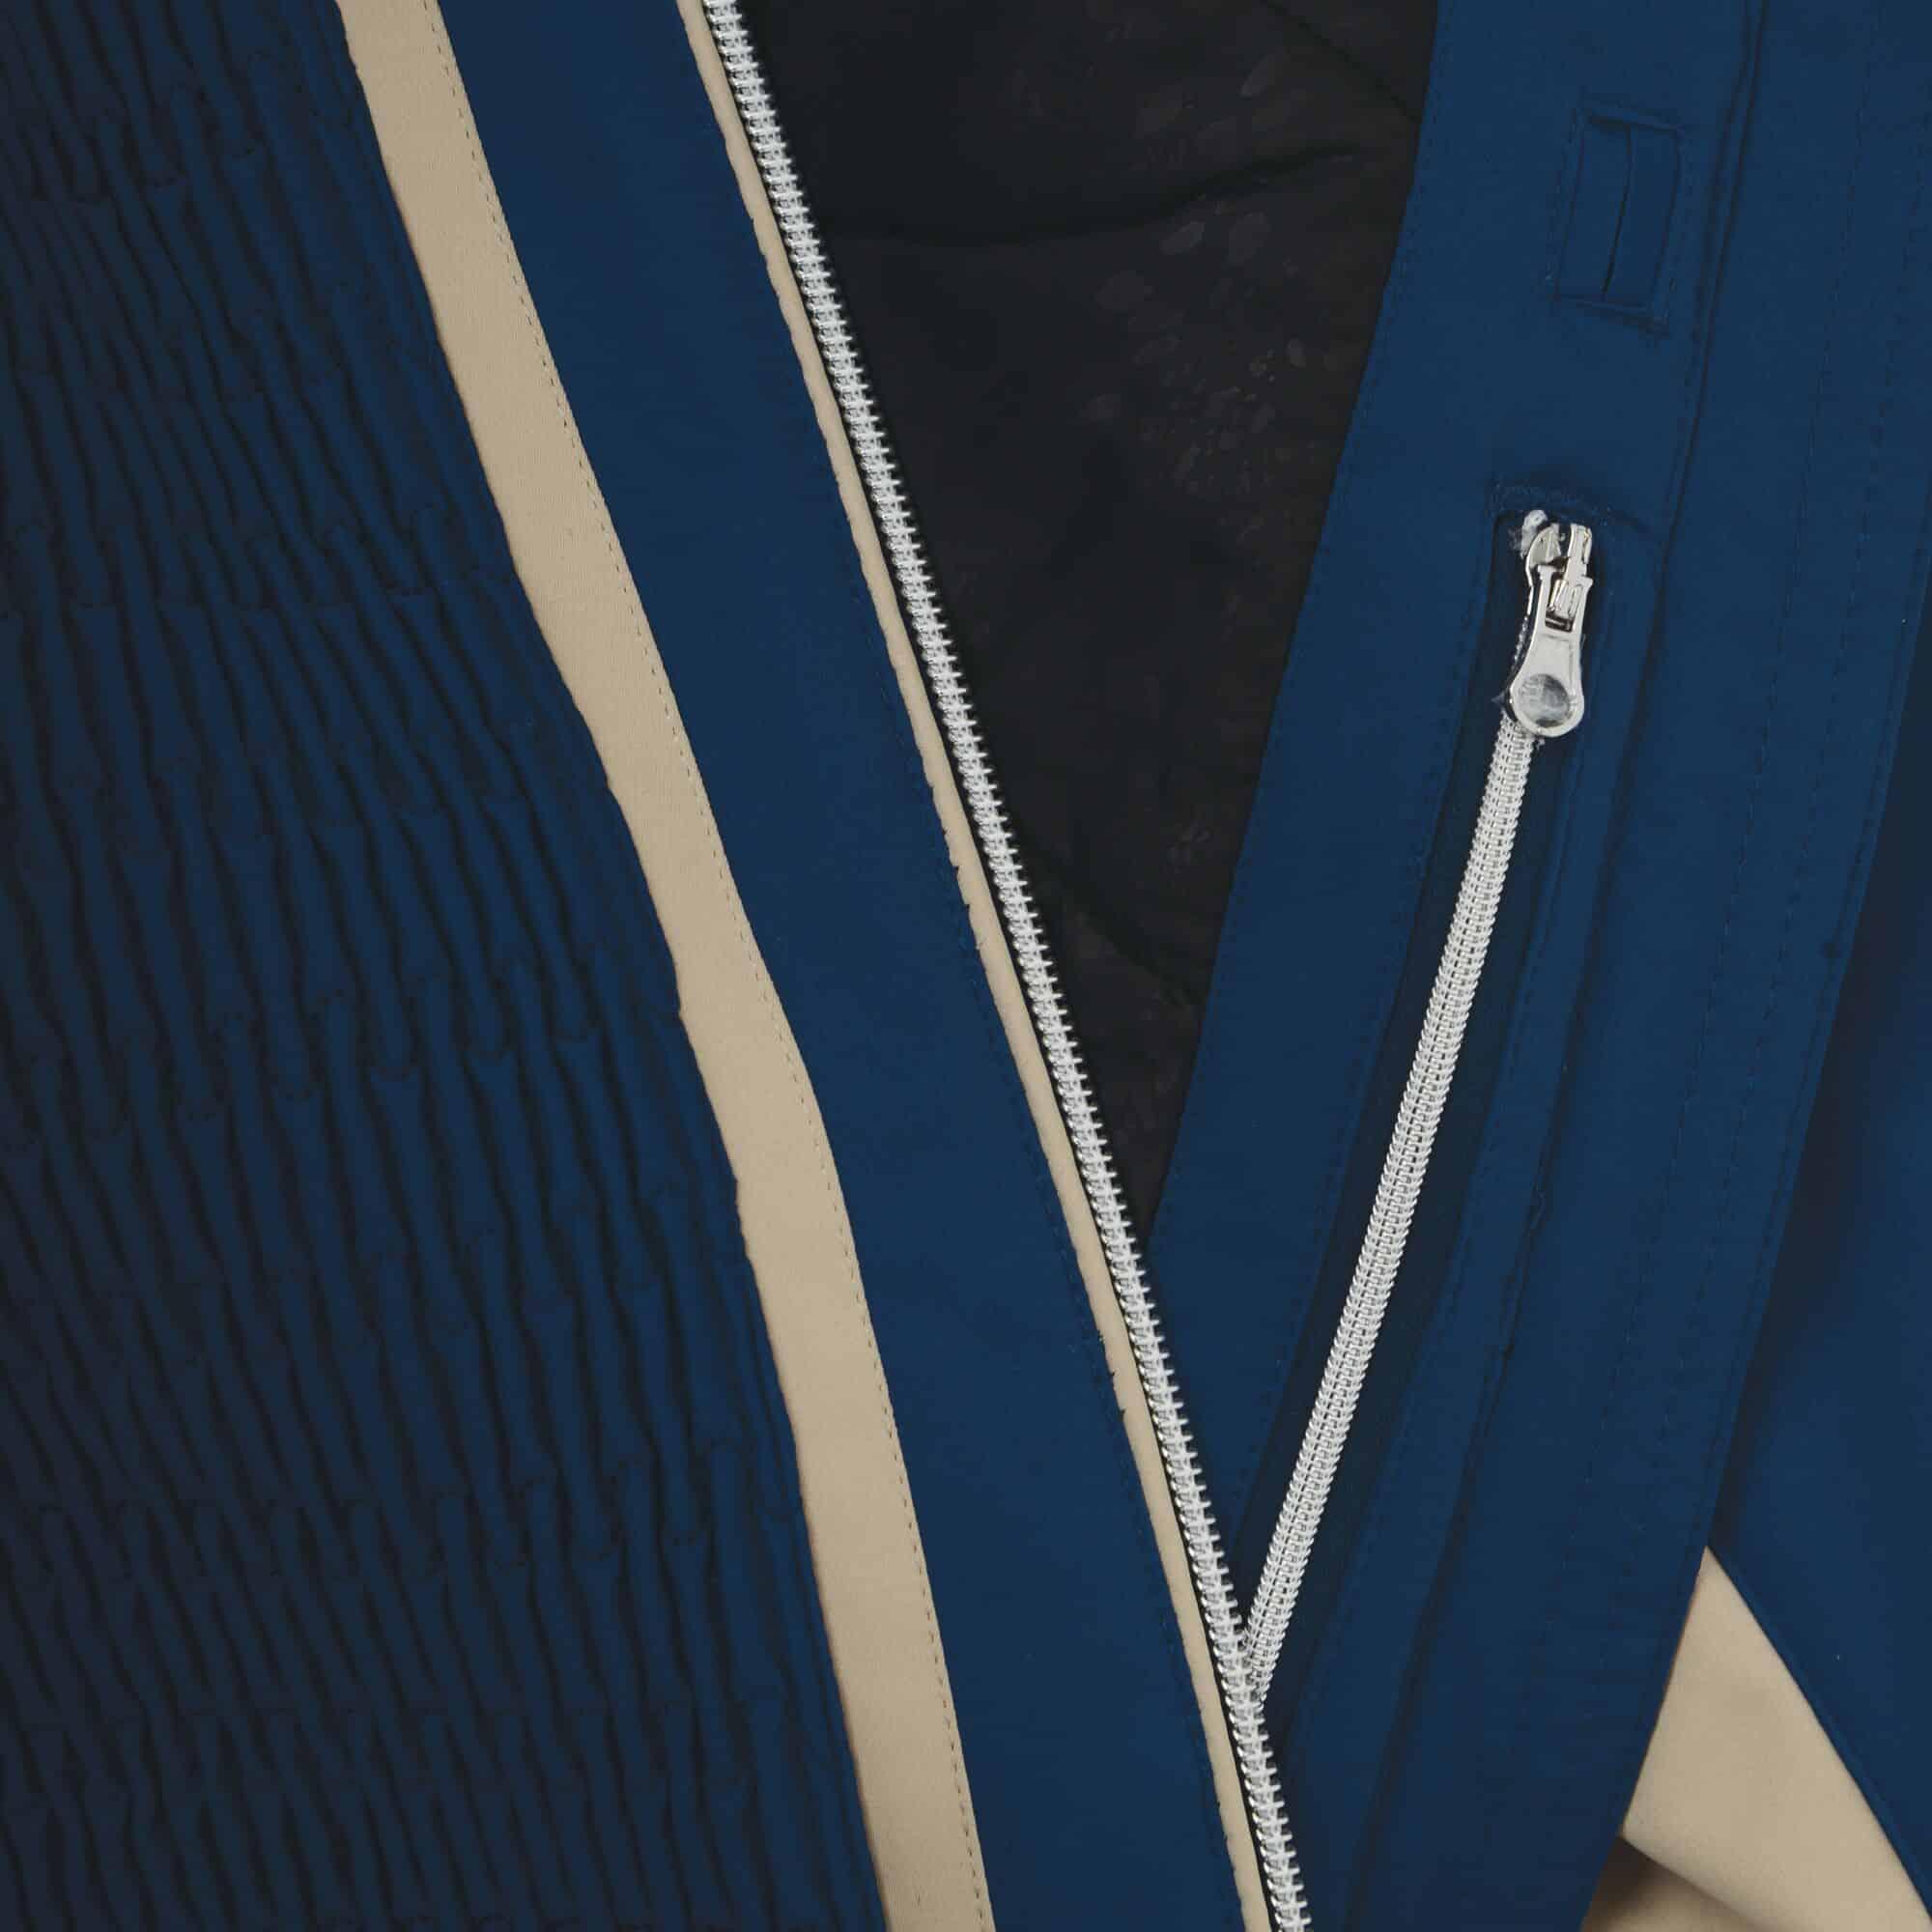 statement blue zip